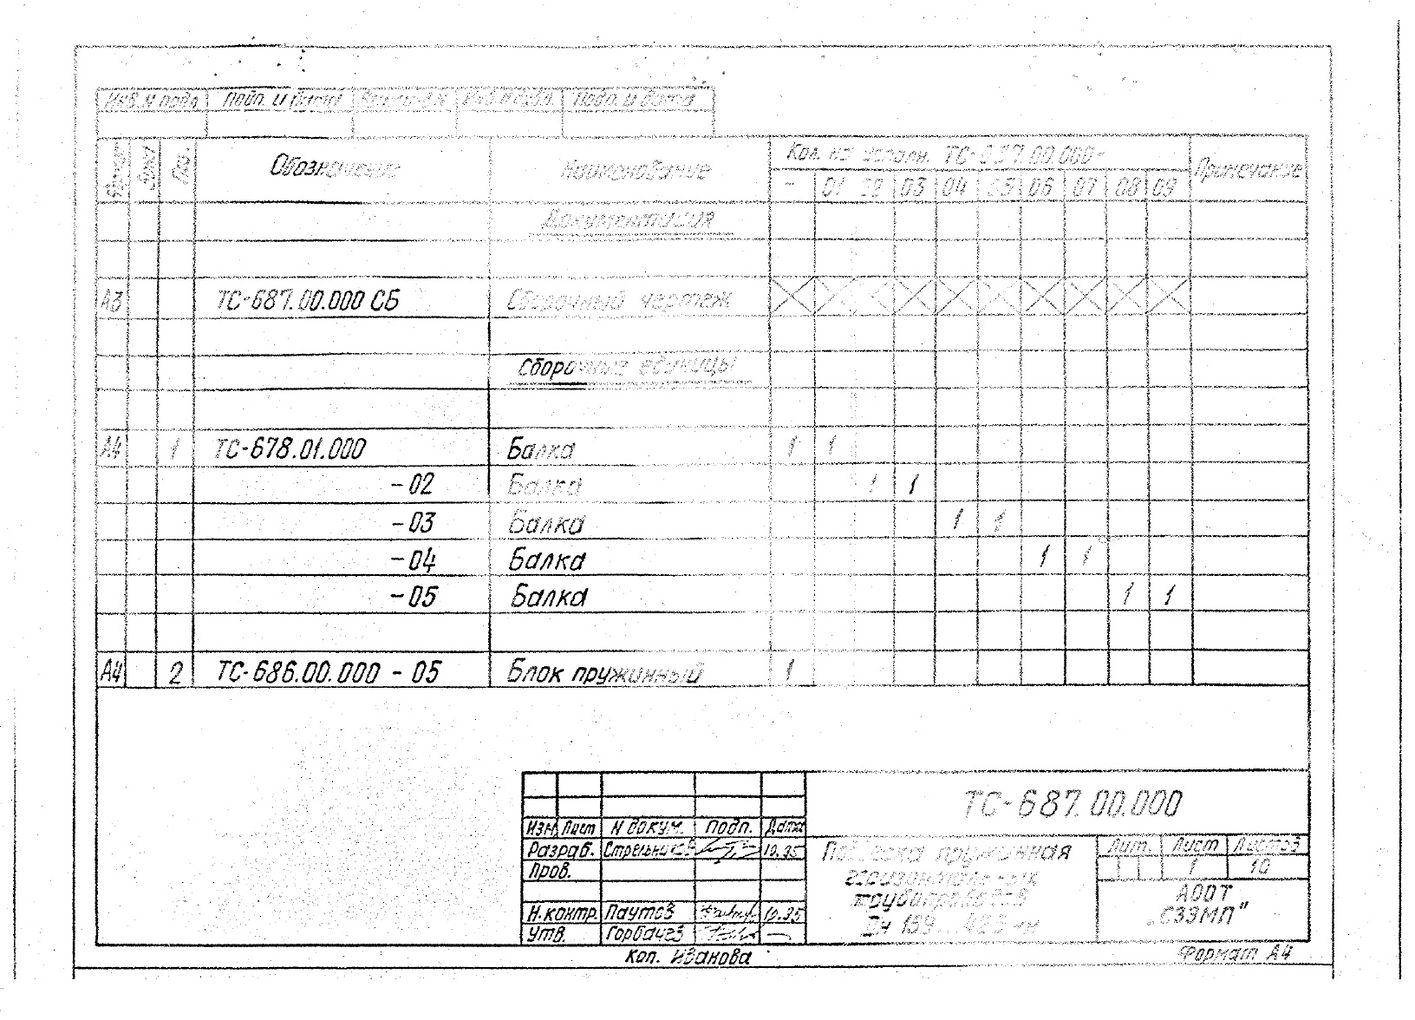 Подвески пружинные для горизонтальных трубопроводов Дн 159-426 мм ТС-687.00.000 СБ серия 5.903-13 выпуск 6-95 стр.4